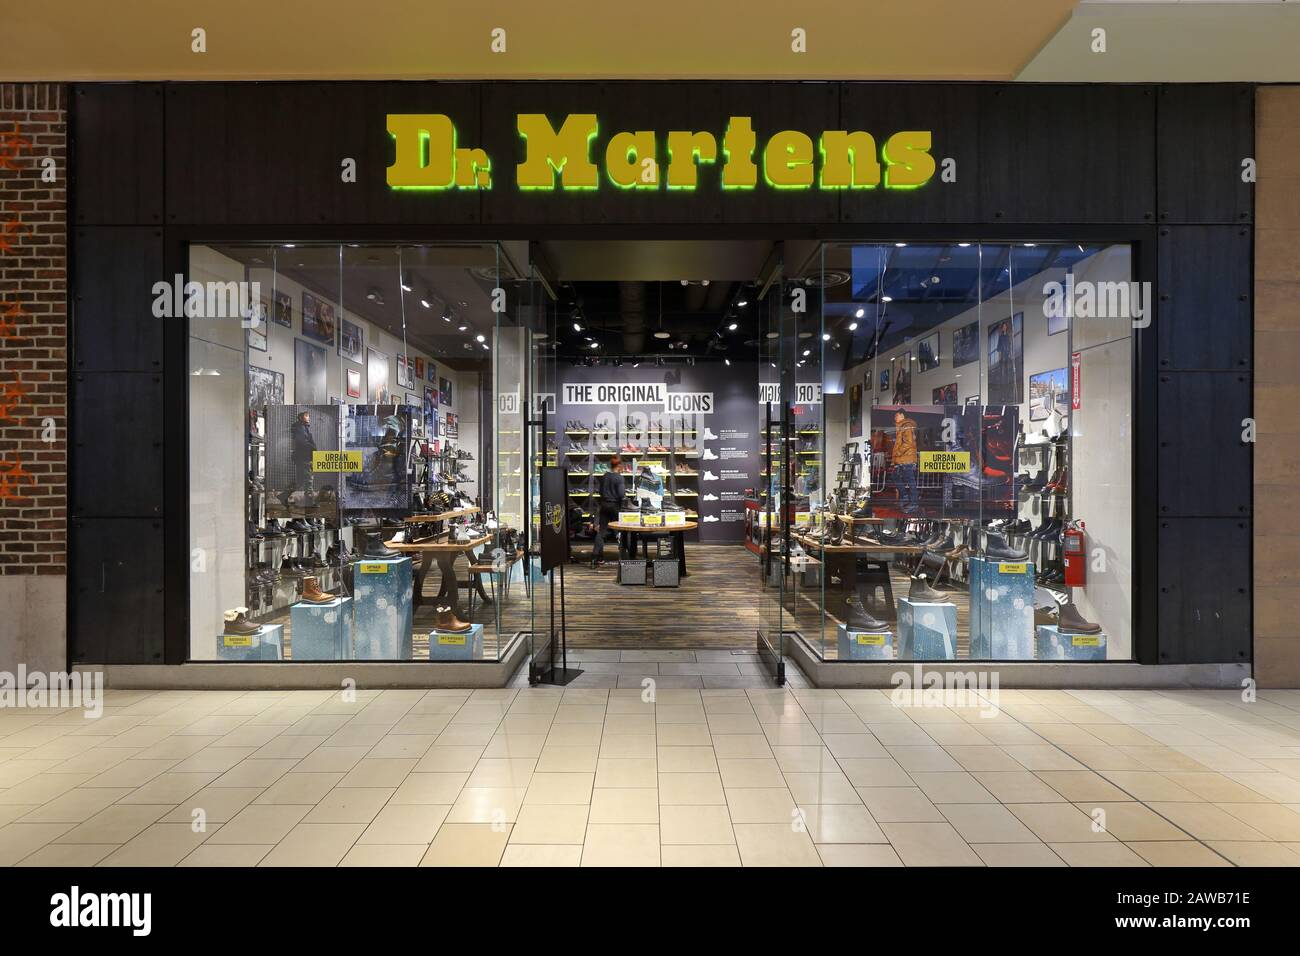 Una Tienda De Zapatos Dr Martens En Un Centro Comercial En Nueva York Ny Fotografía De Stock Alamy